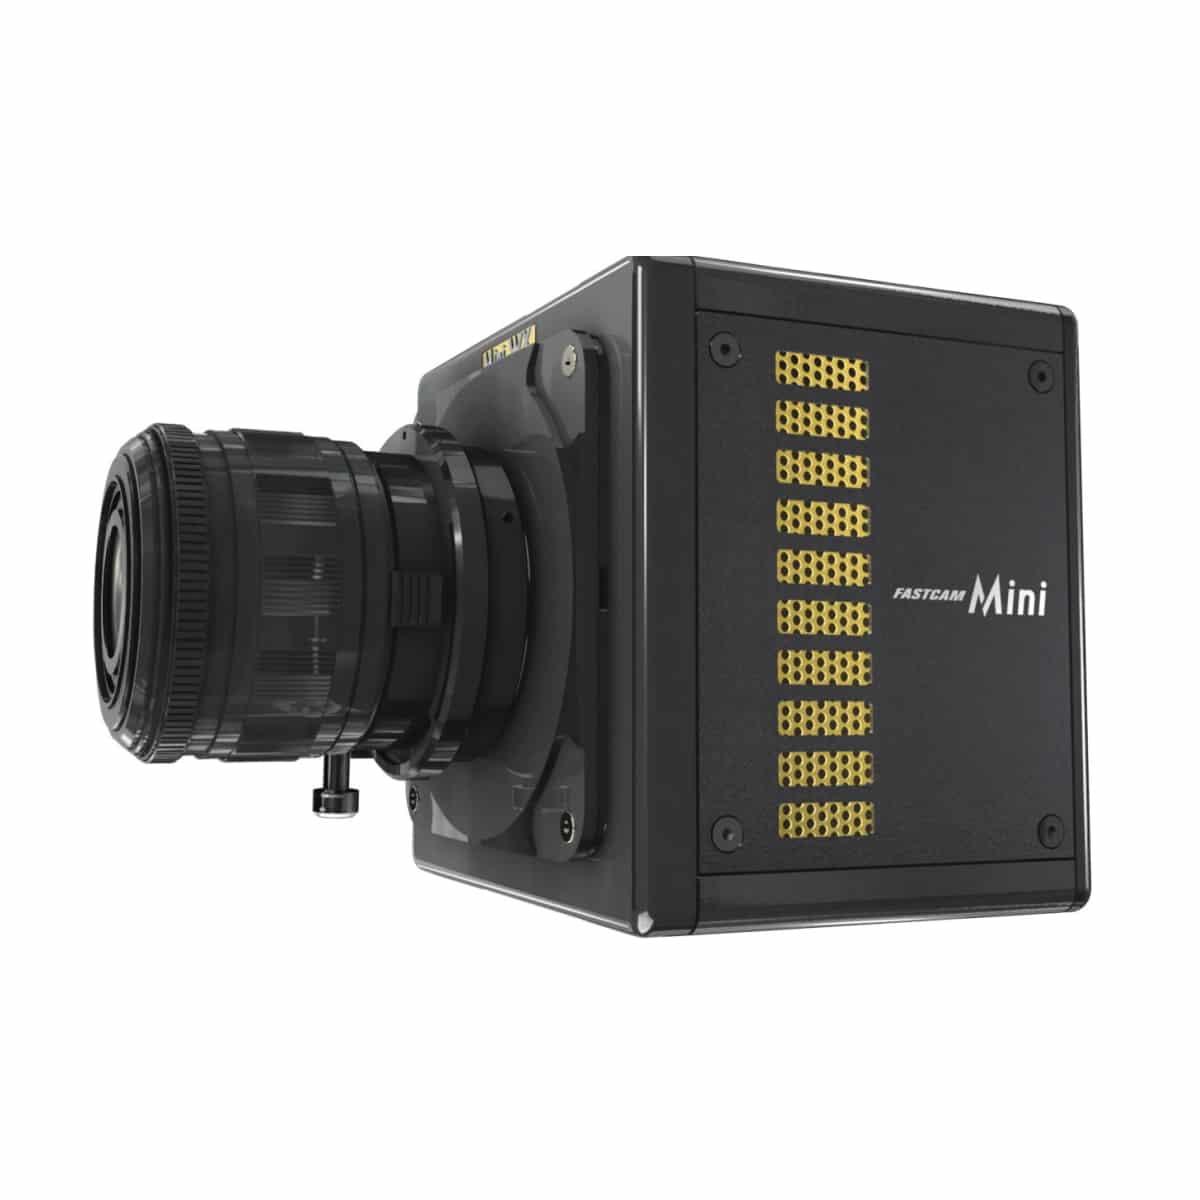 Photron FASTCAM Mini WX100 - Seitenansicht